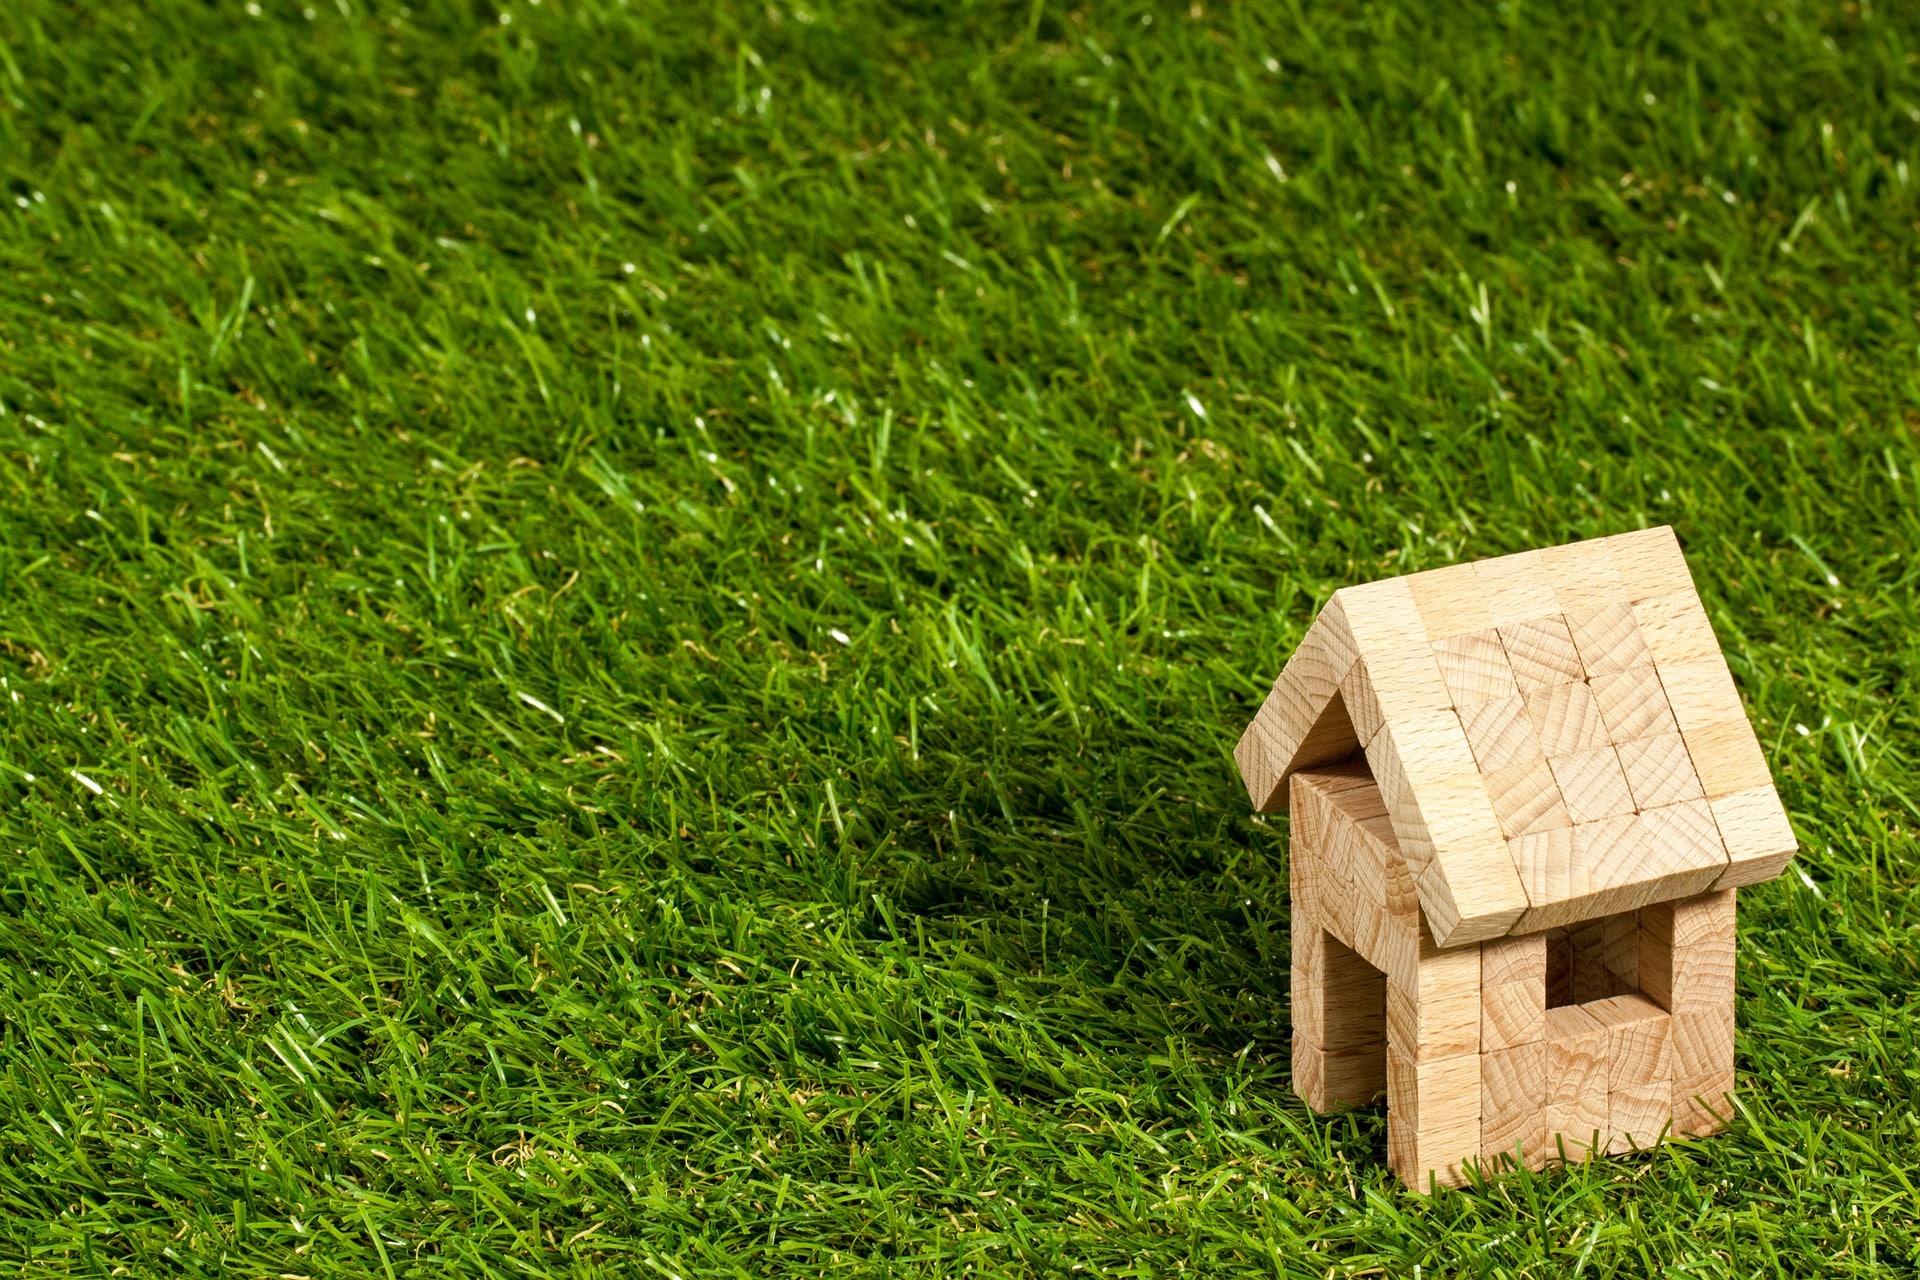 芝生の上にある家型の木製おもちゃ